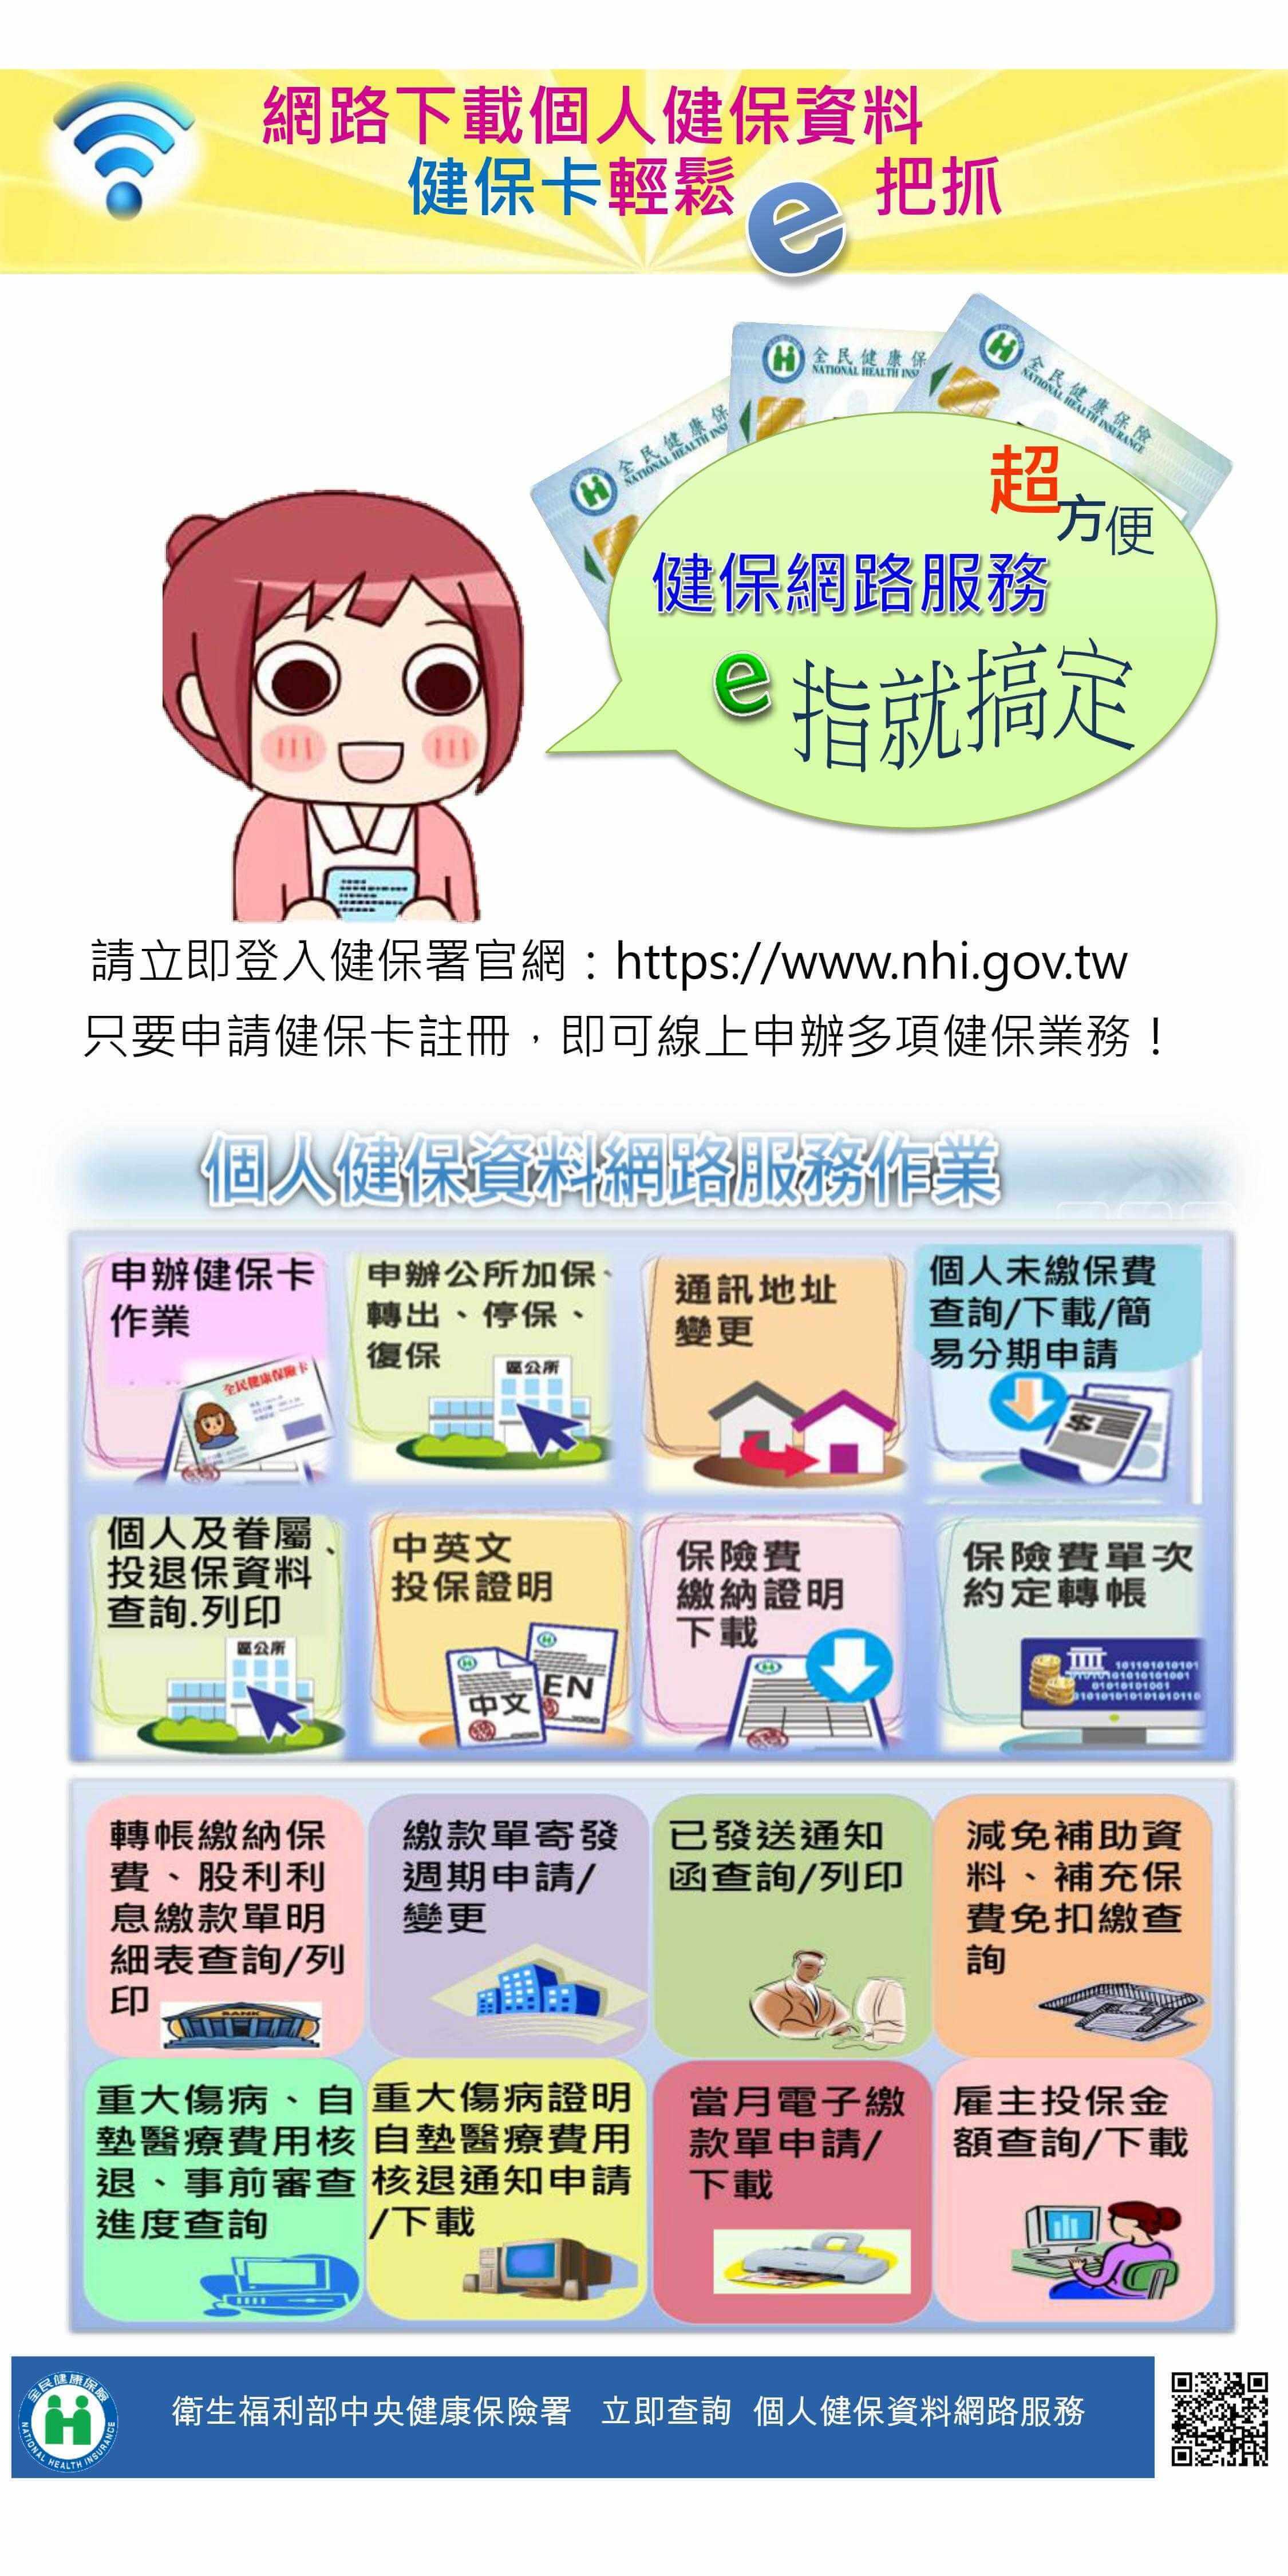 proimages/個人健保網路服務宣導.jpg